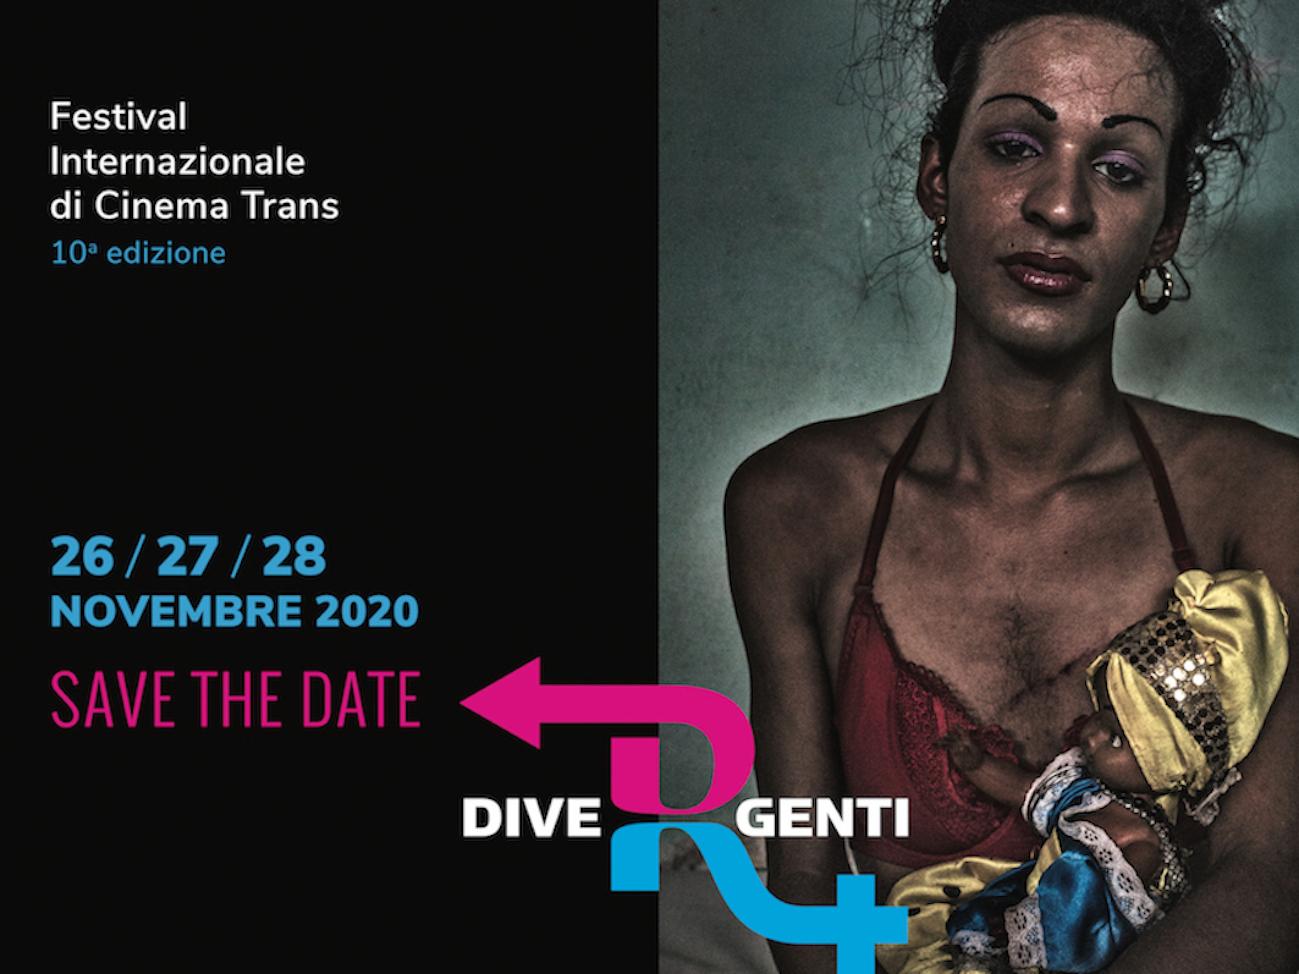 10° edizione per Divergenti, festival internazionale di cinema trans dal 26 al 28 novembre 2020